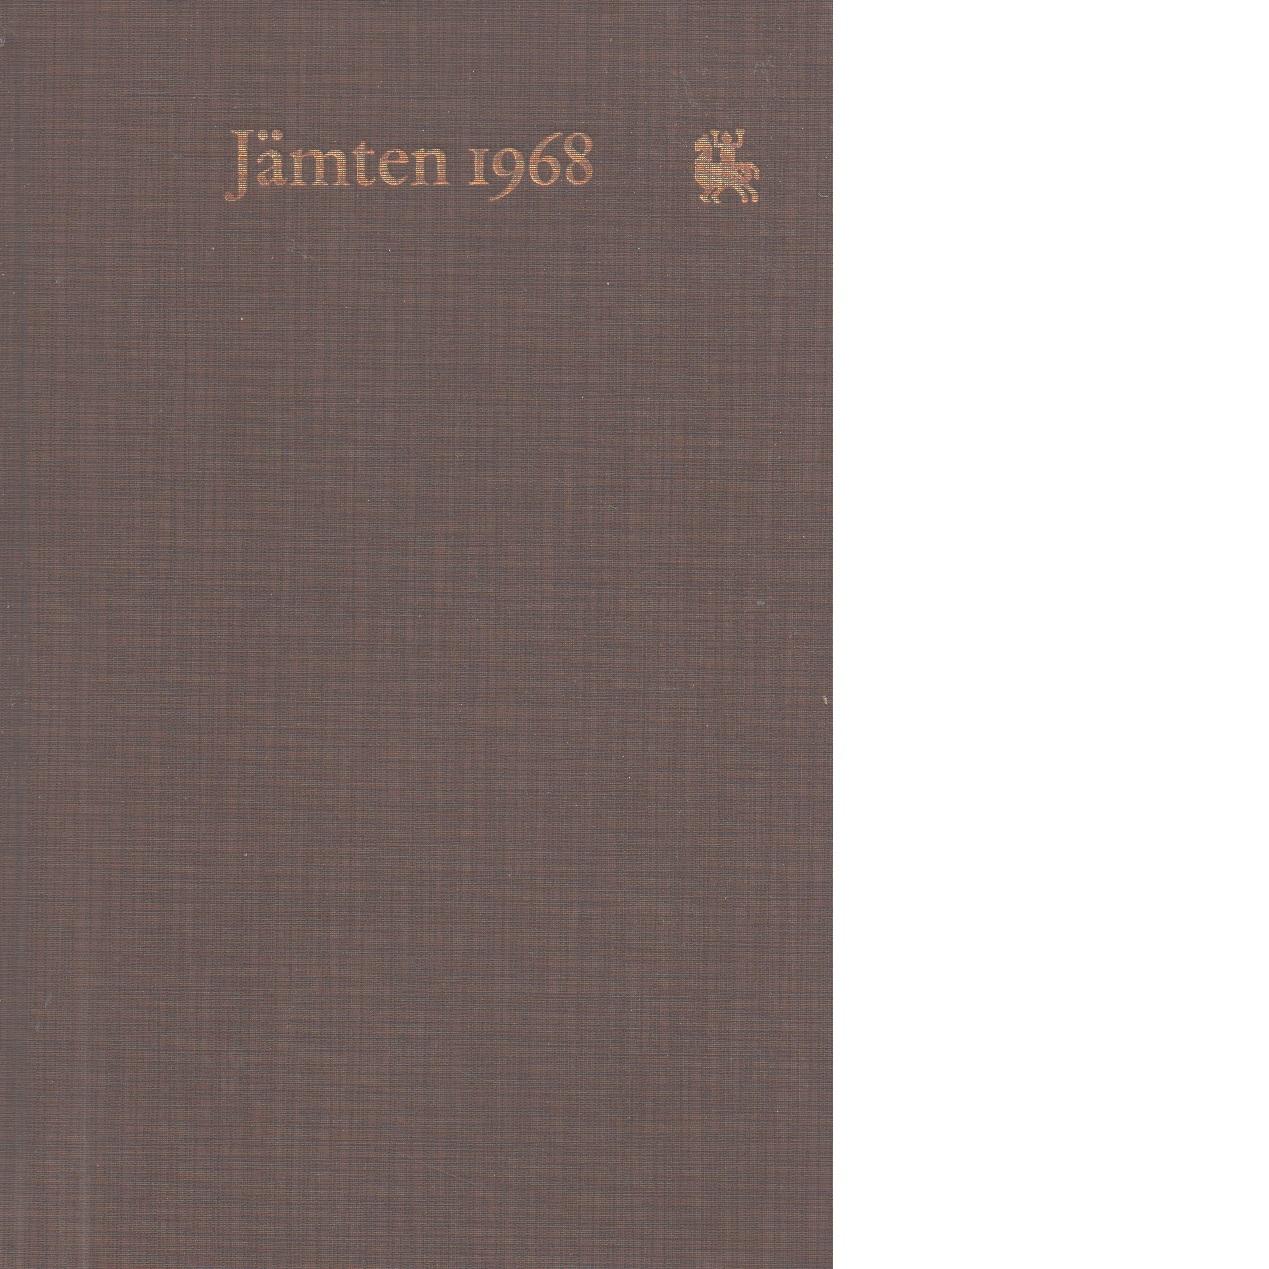 Jämten 1968 - Rosander, Göran